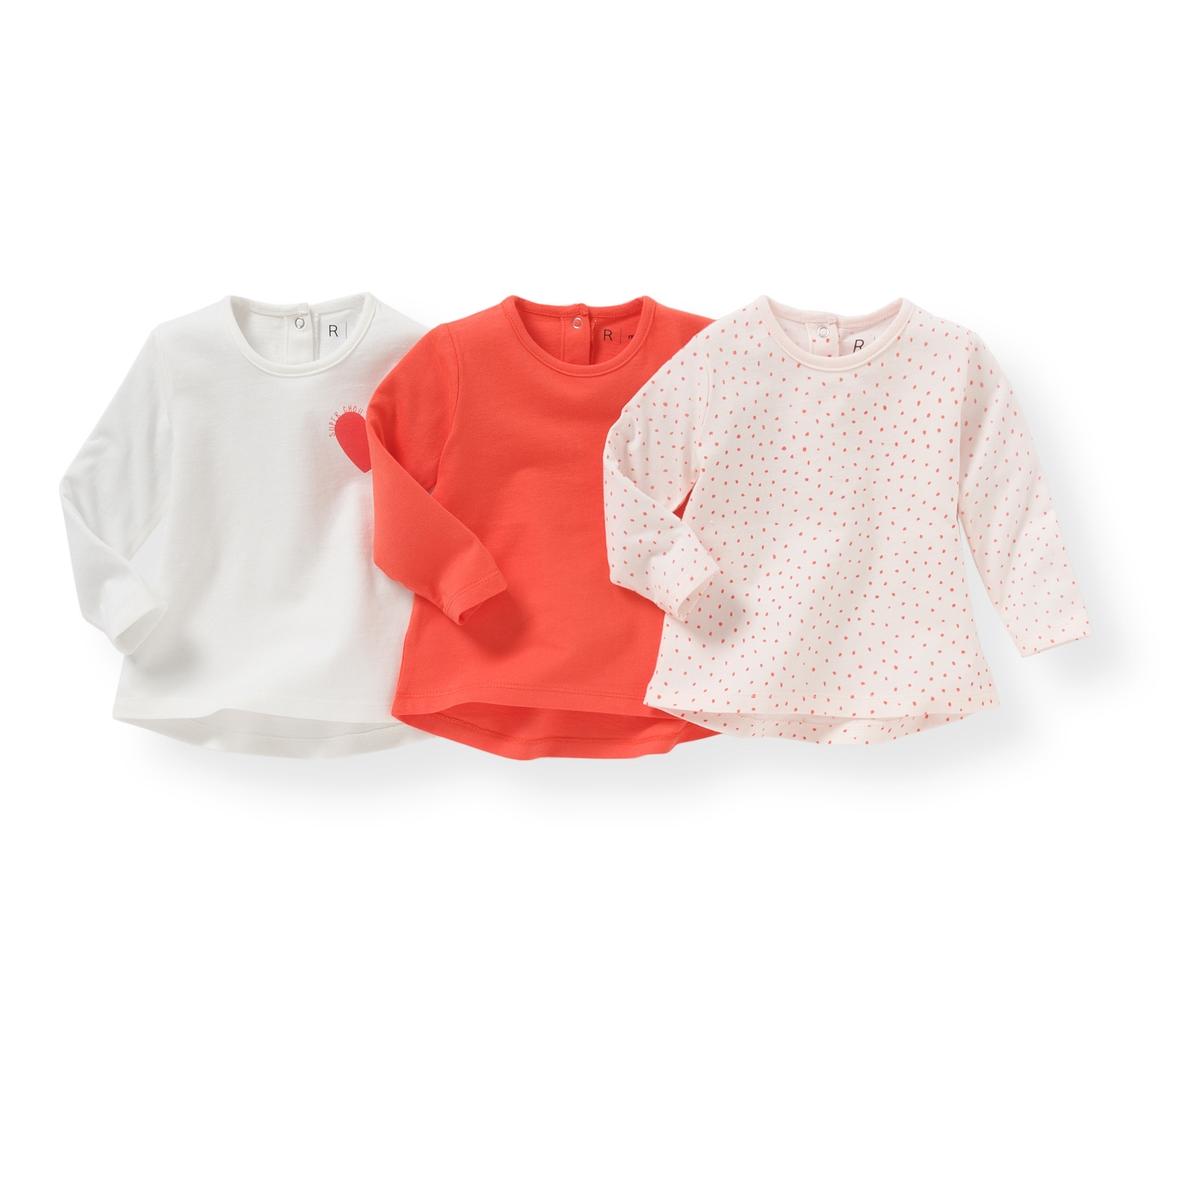 3 футболки с длинными рукавами, 1 мес.-3 лет